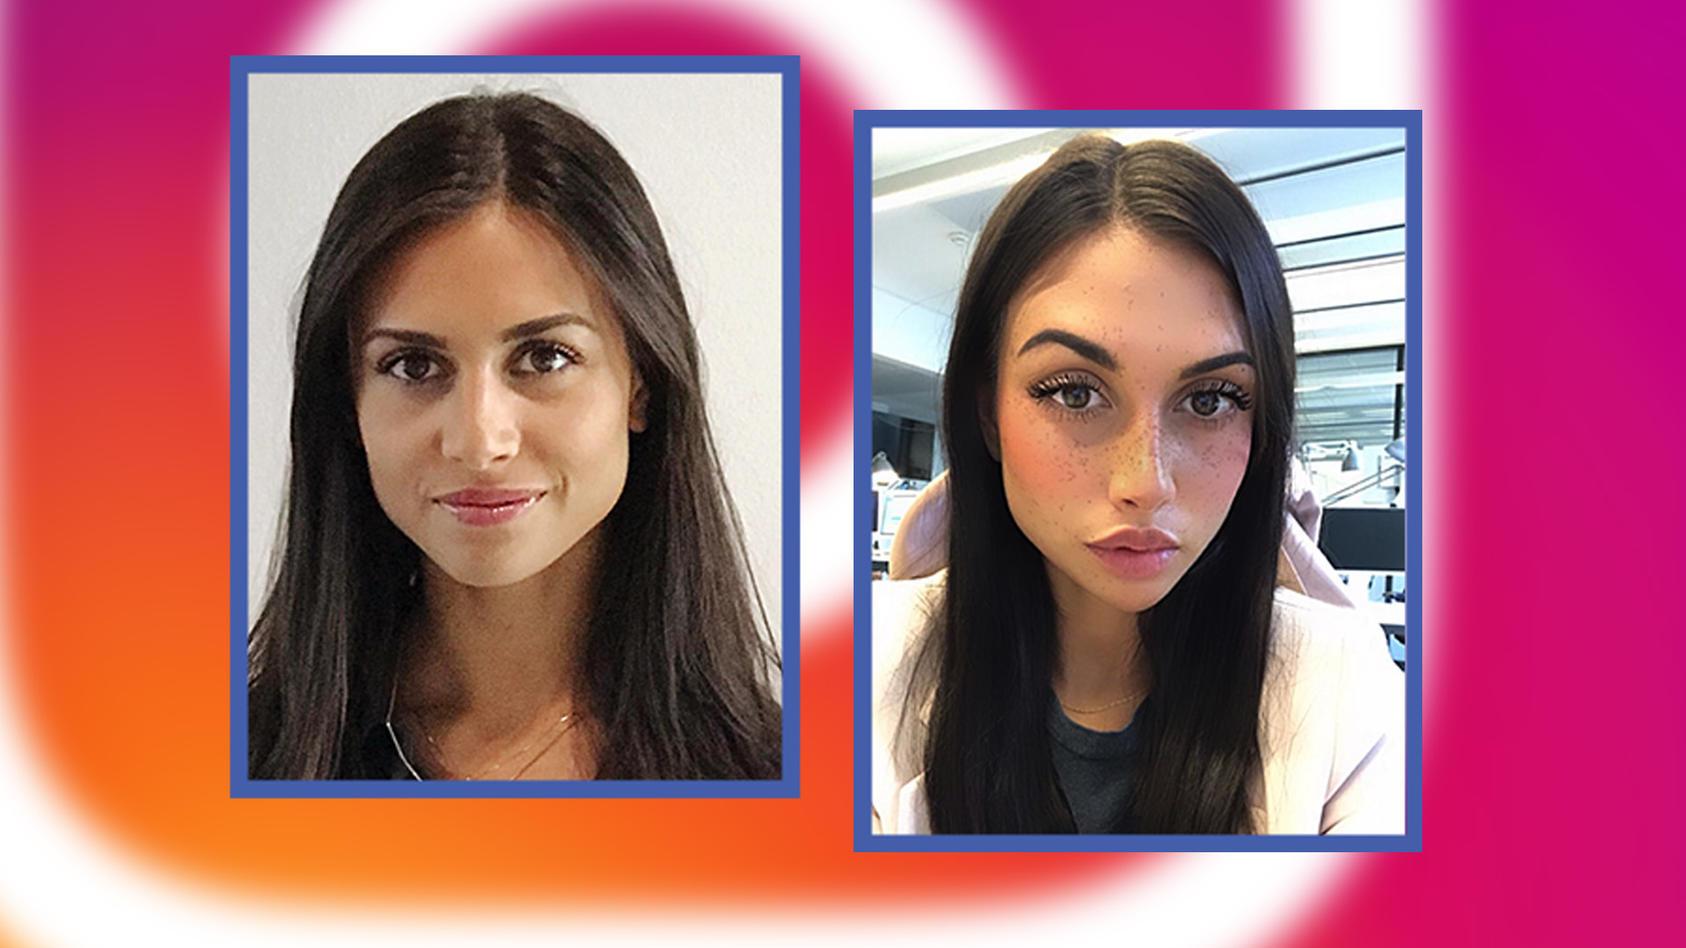 Mit Filtern können wir unsere Gesichter mittlerweile gehörig verändern.